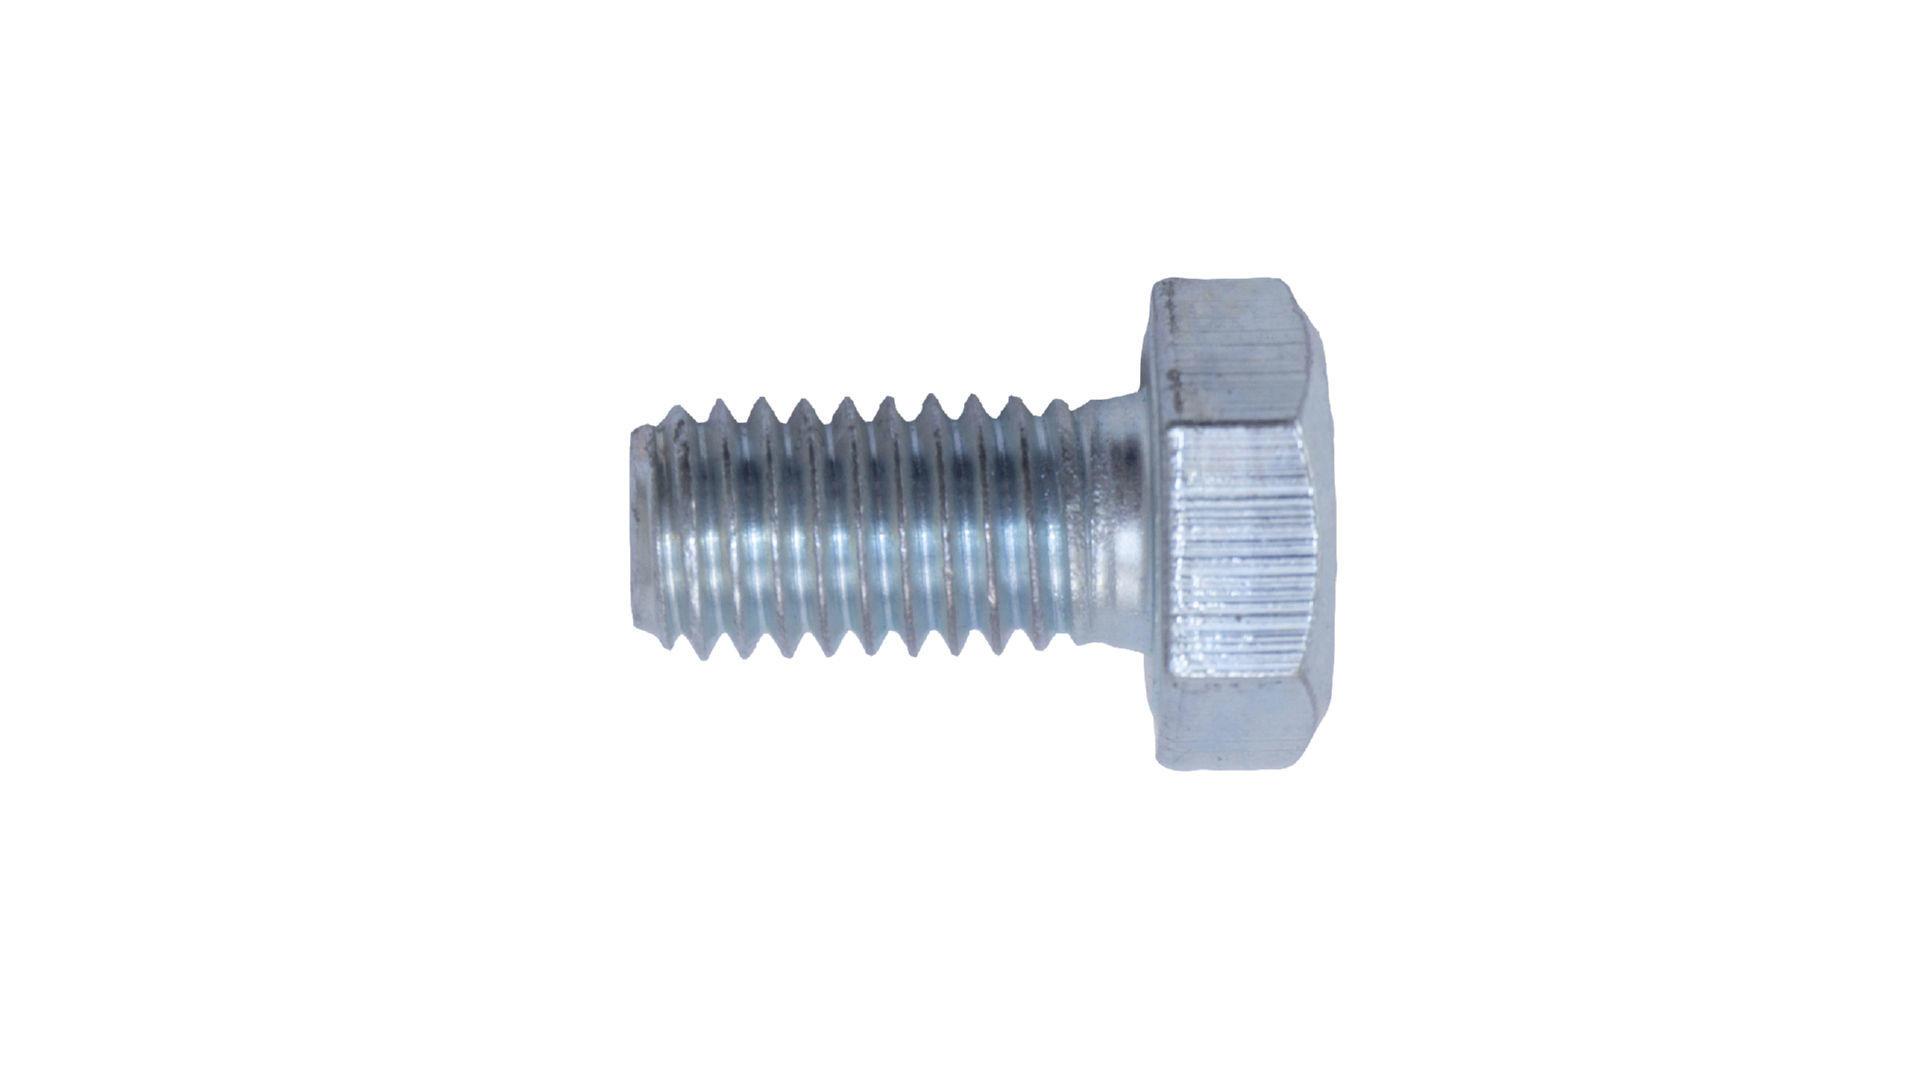 Болт шестигранный Apro - 8 x 16 мм DIN 933 (50 шт.) 3